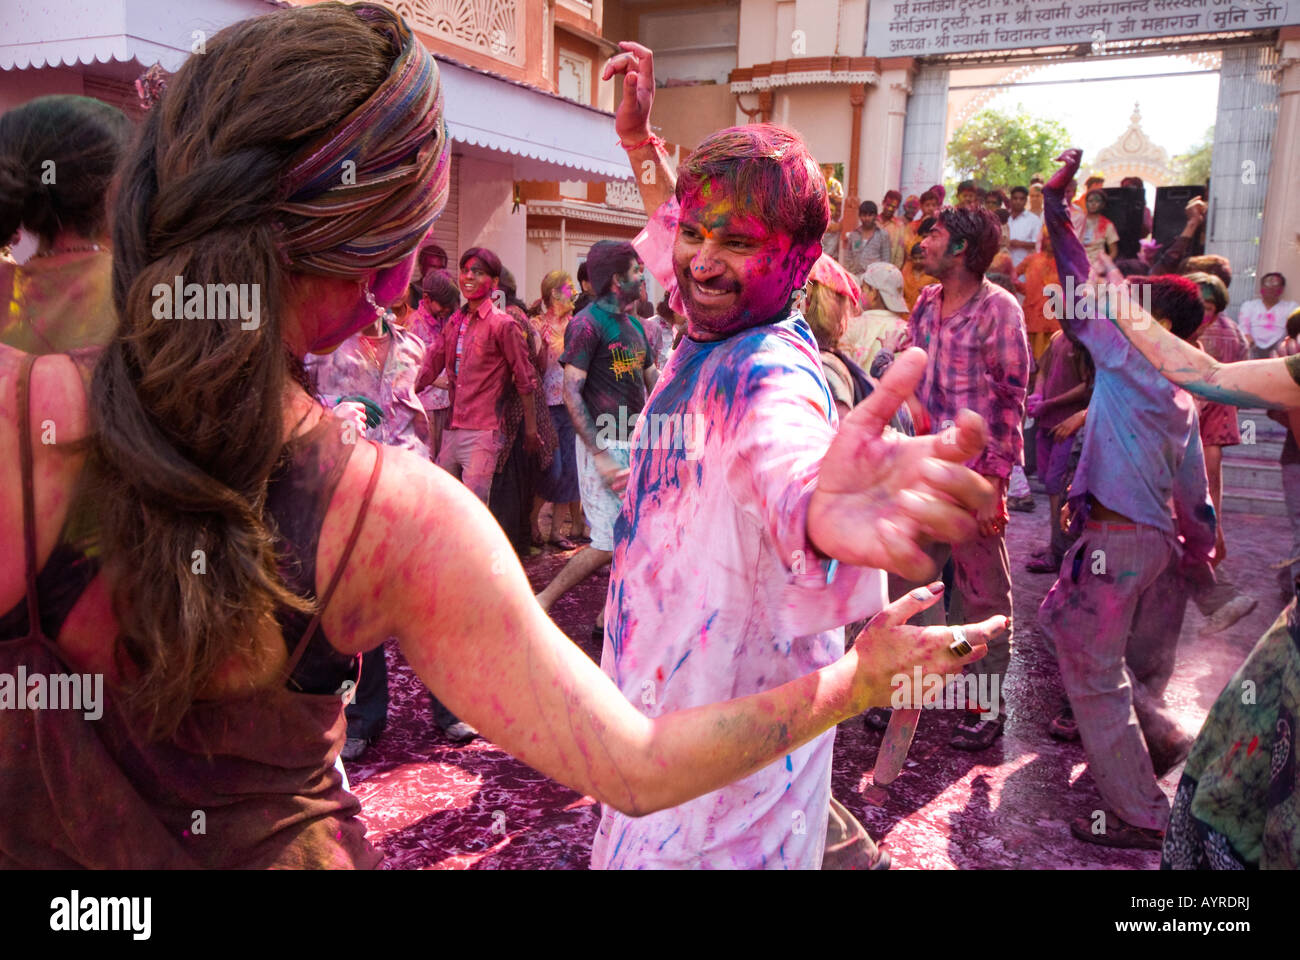 Les gens célébrant le Holi Festival hindou à Rishikesh en Inde Photo Stock